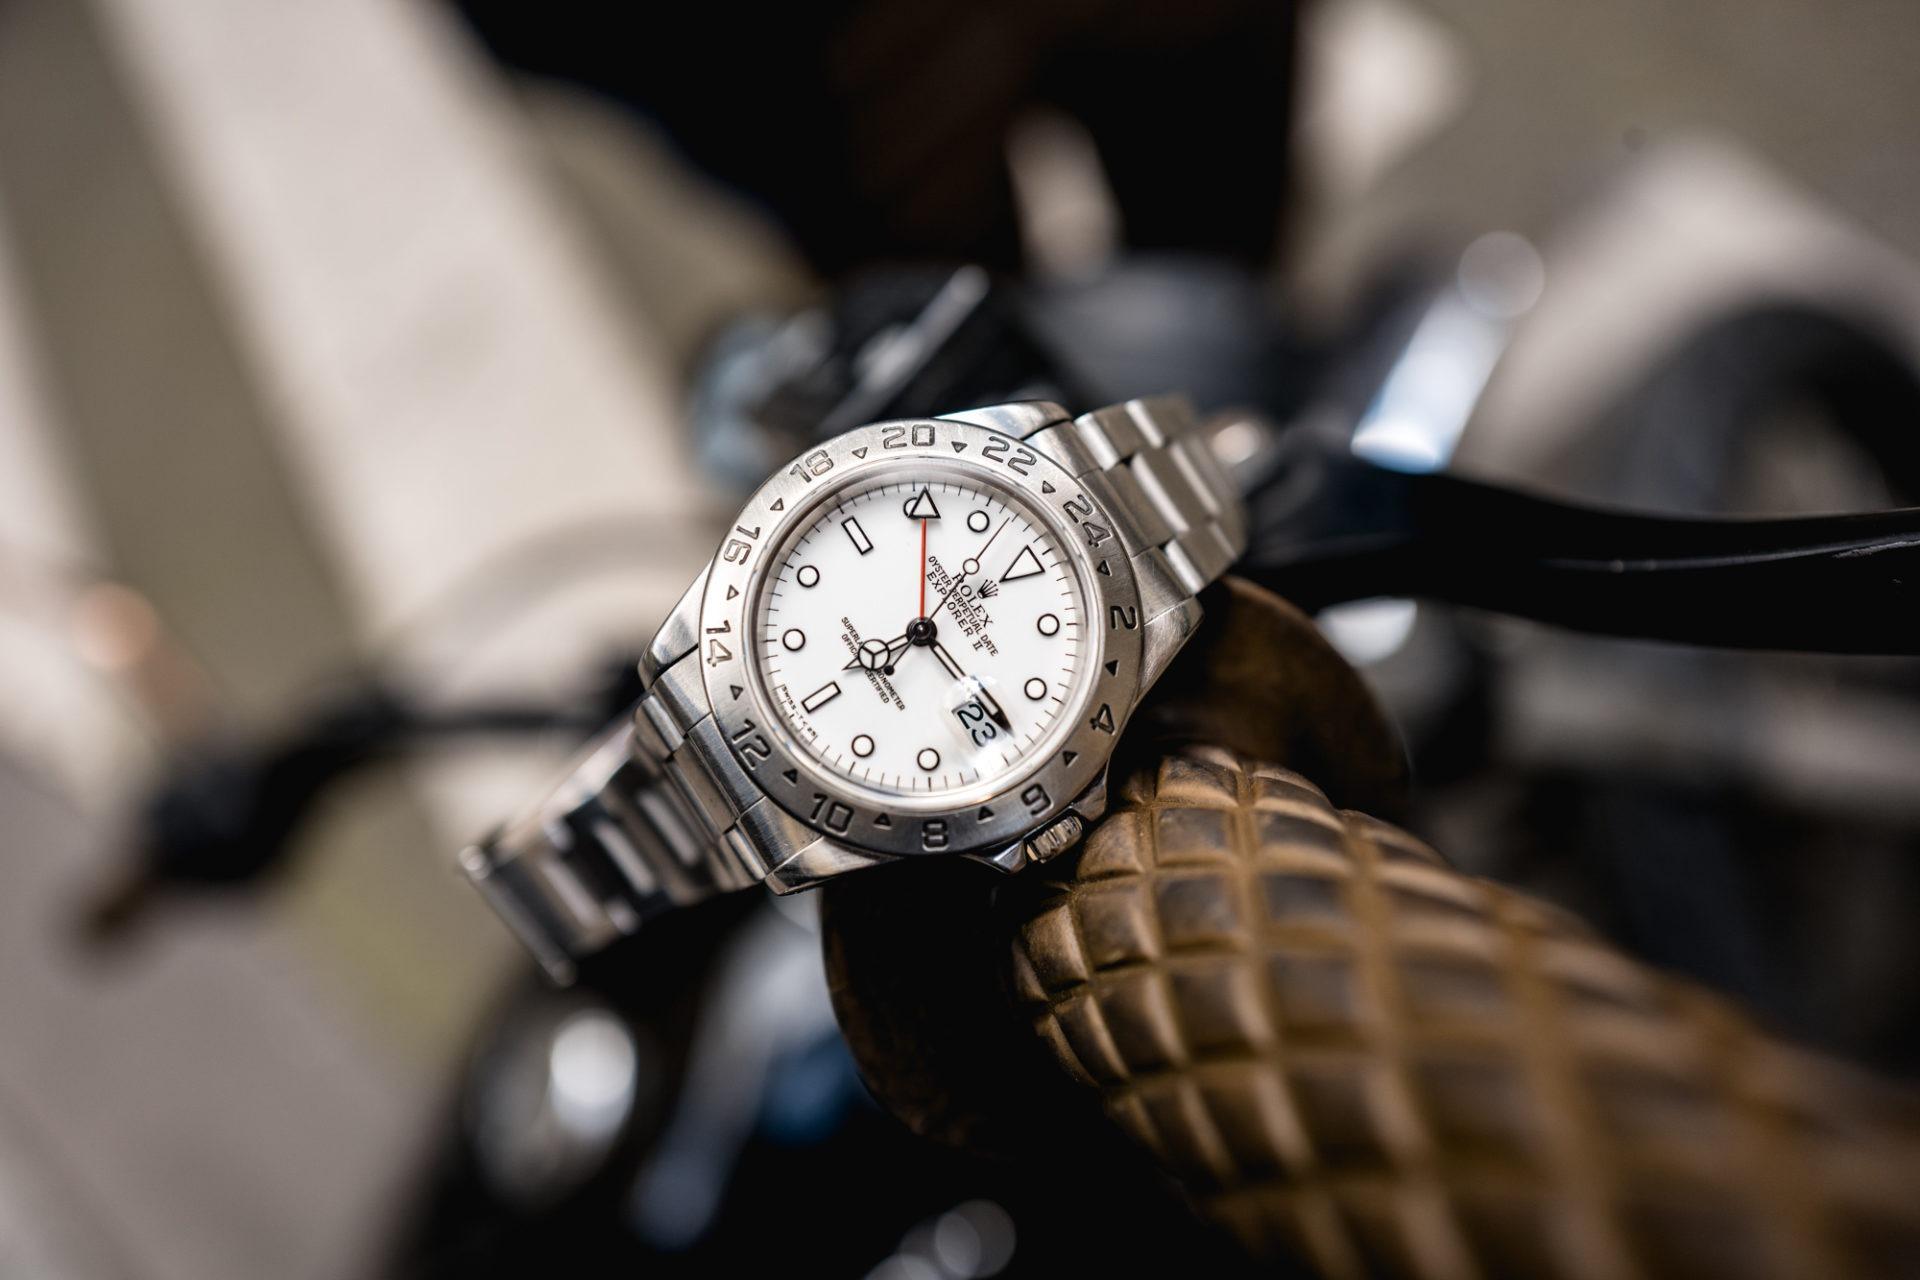 Rolex Explorer II Ref. 16570